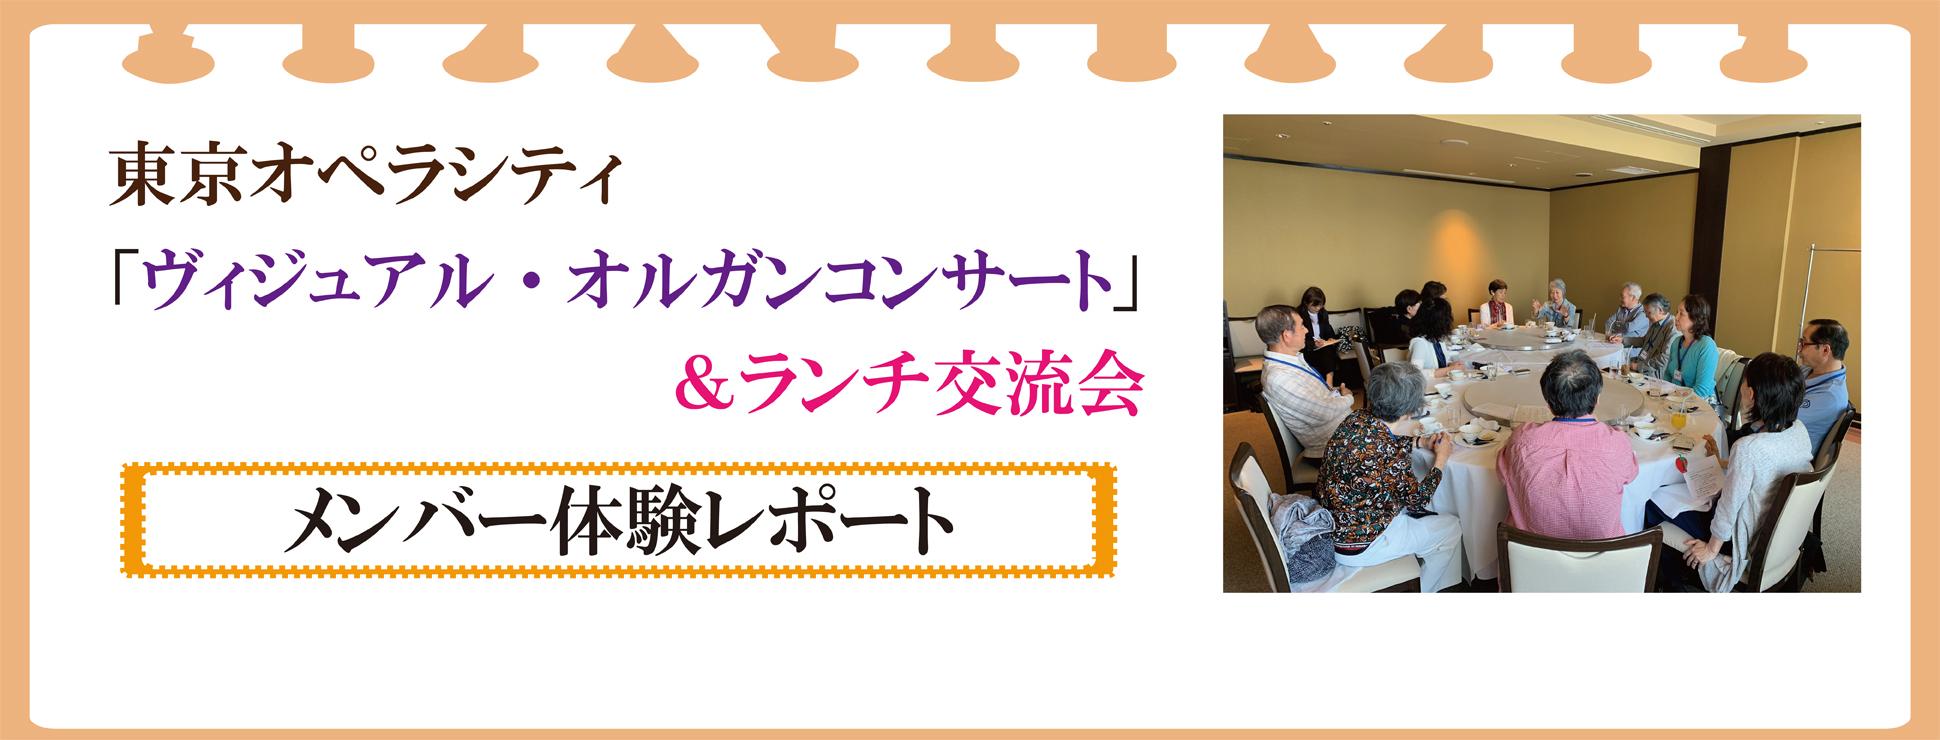 ナビトモ主催『東京オペラシティ「ヴィジュアル・オルガンコンサート」鑑賞&ランチ交流会』